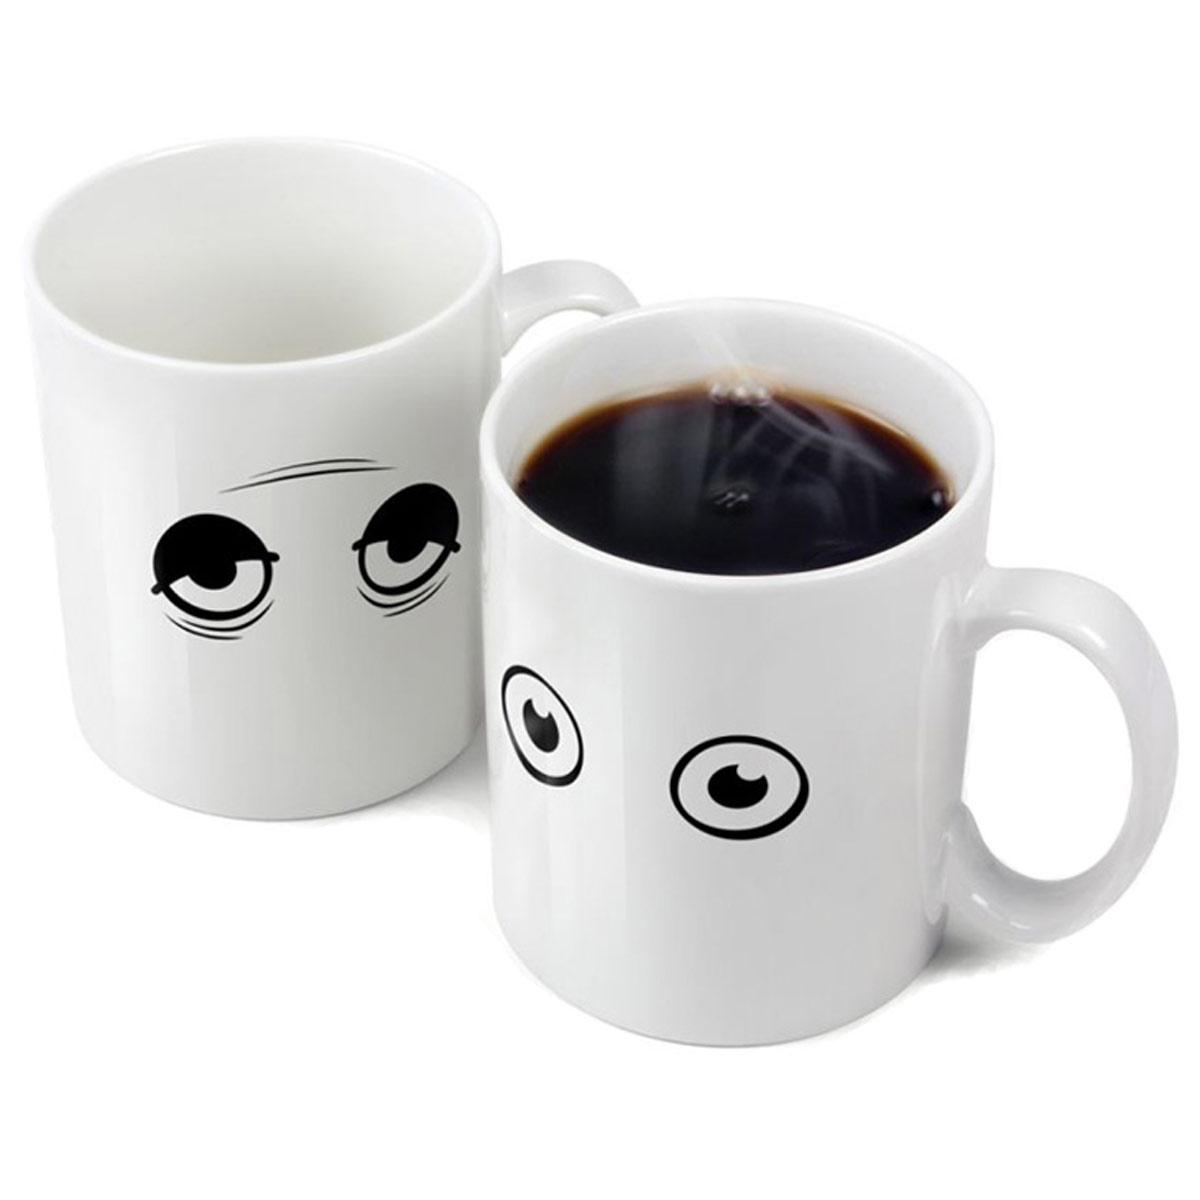 temperaturempfindliche kaffeetasse wake up cup wach auf. Black Bedroom Furniture Sets. Home Design Ideas